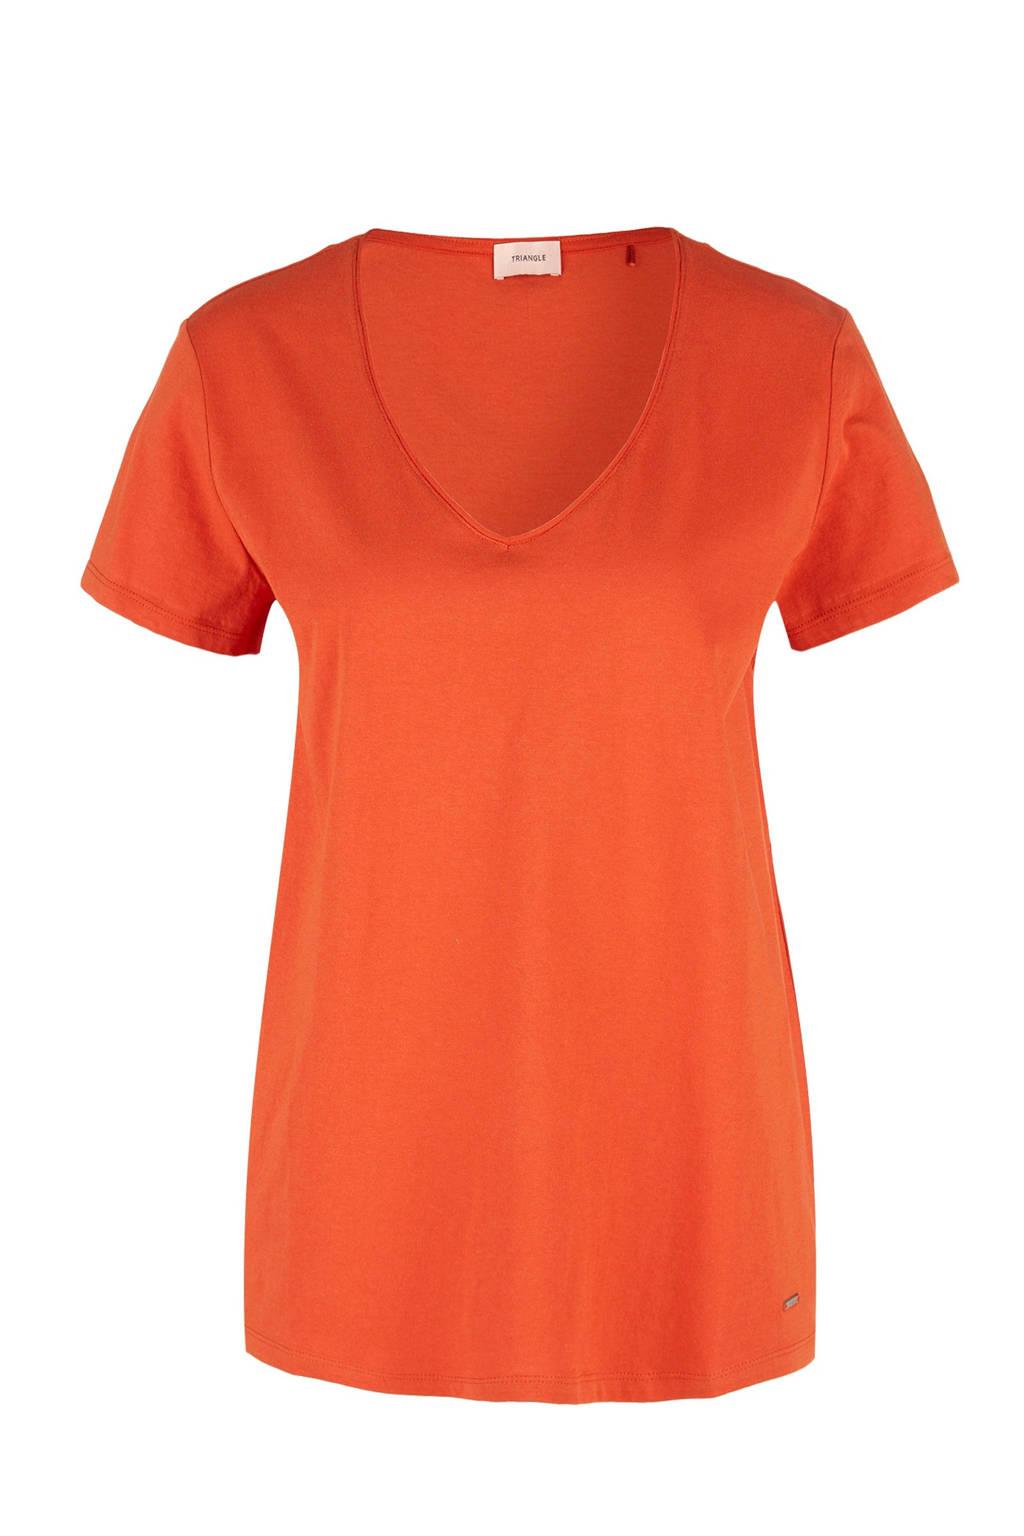 TRIANGLE T-shirt oranje, Oranje